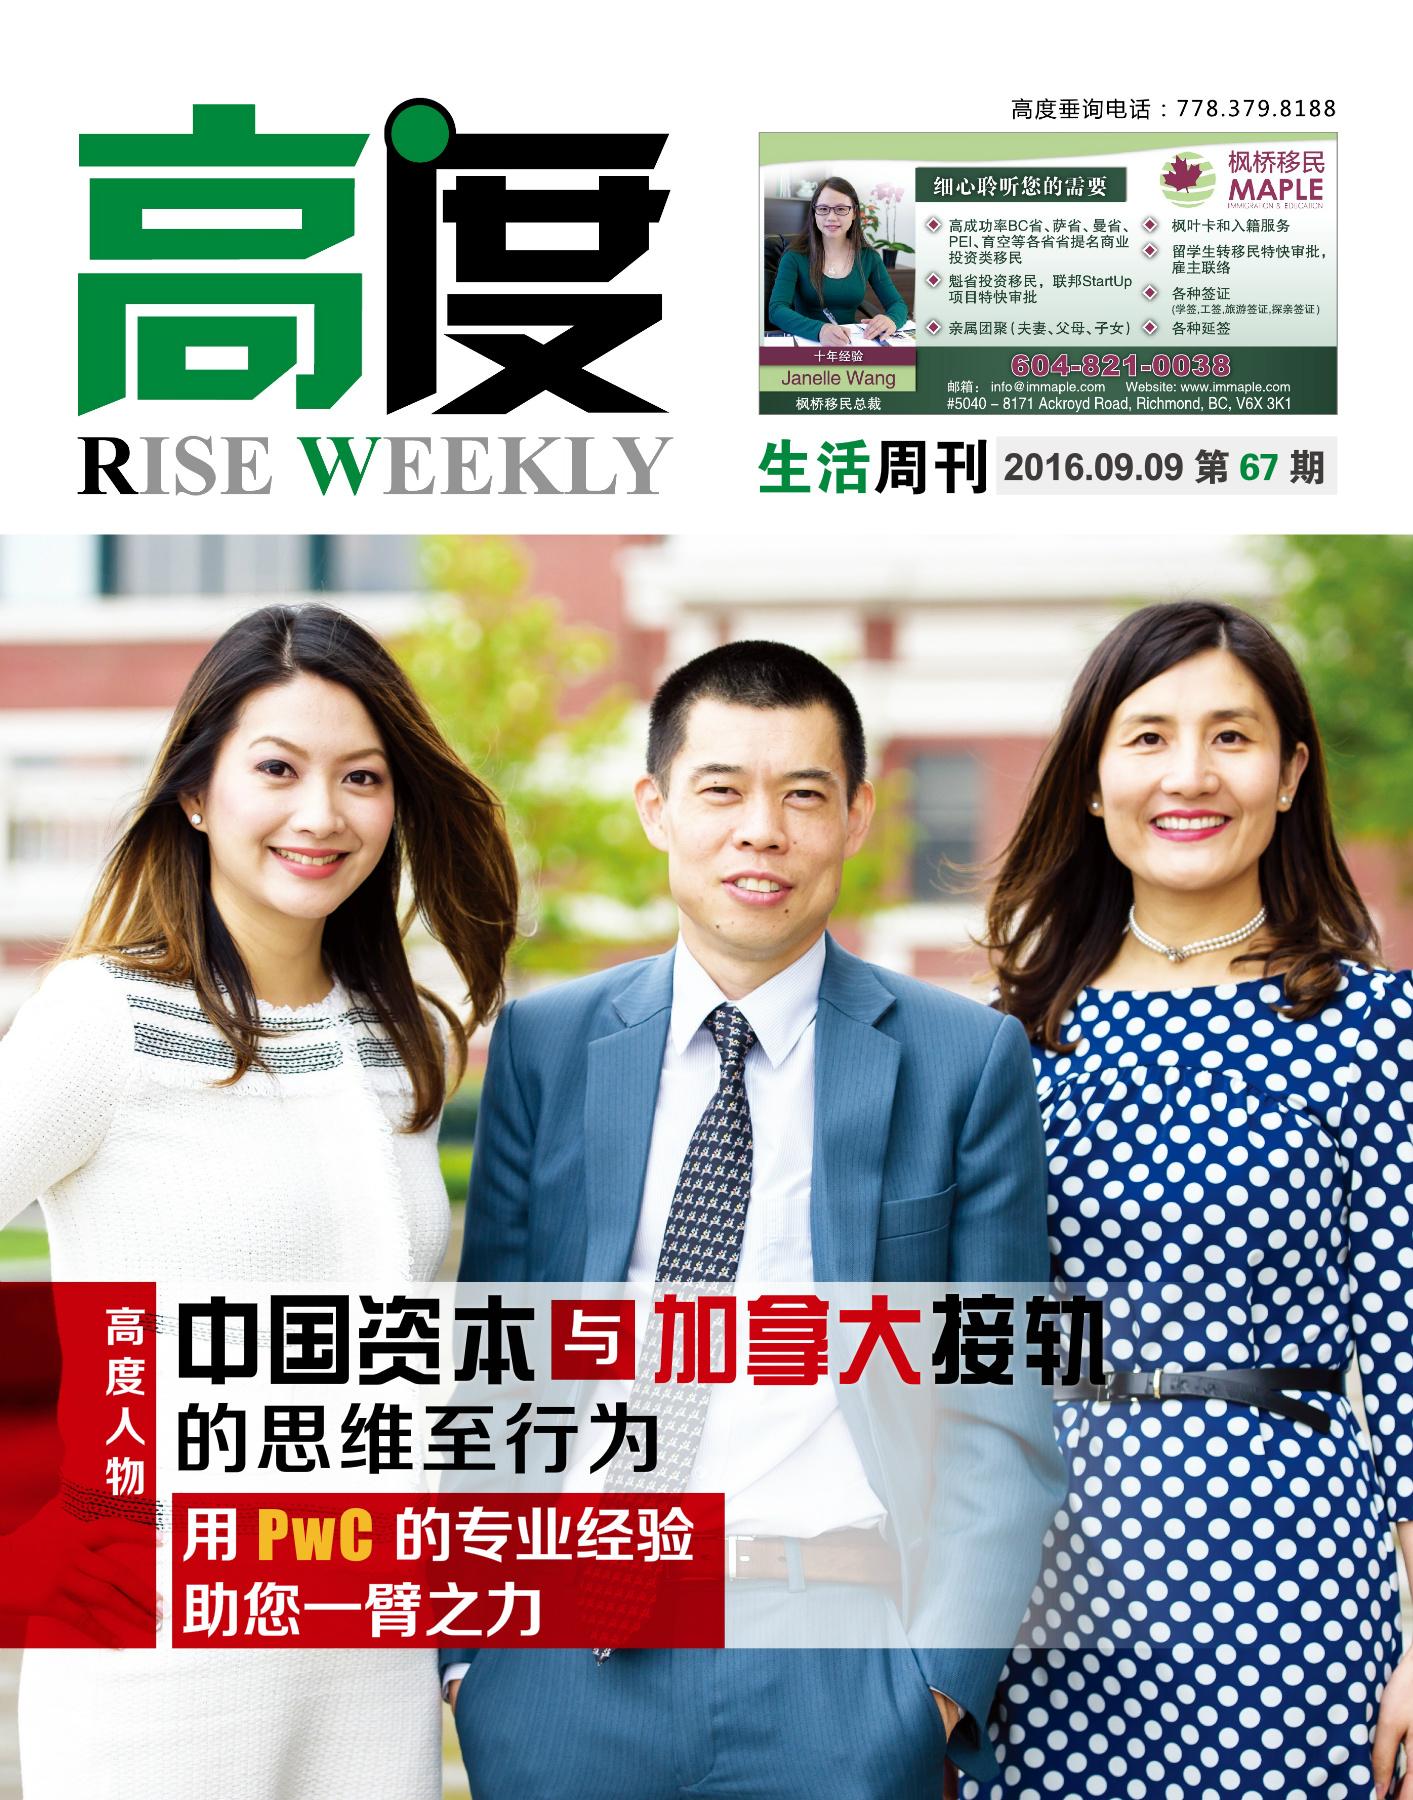 高度生活周刊 2016年09月09日 第67期